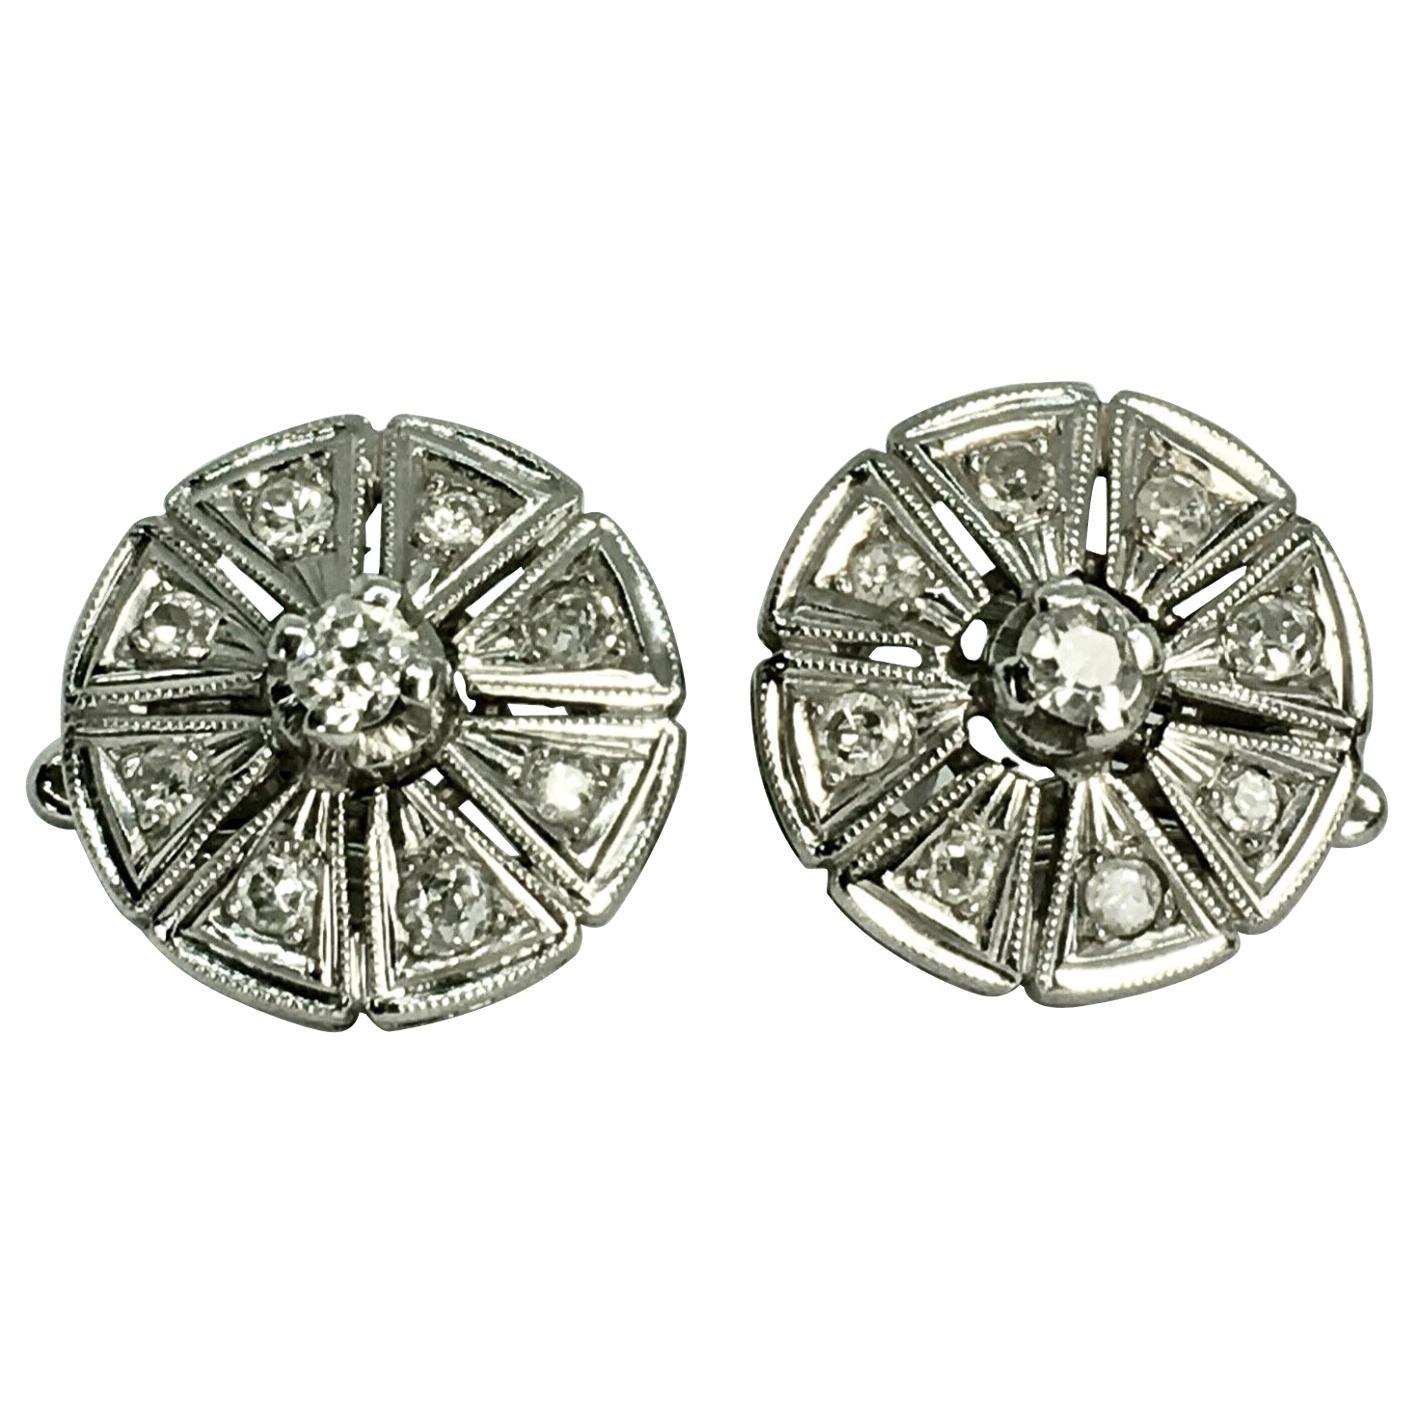 Antique Deco Diamond Earrings Clip-on Earrings 18K White Gold